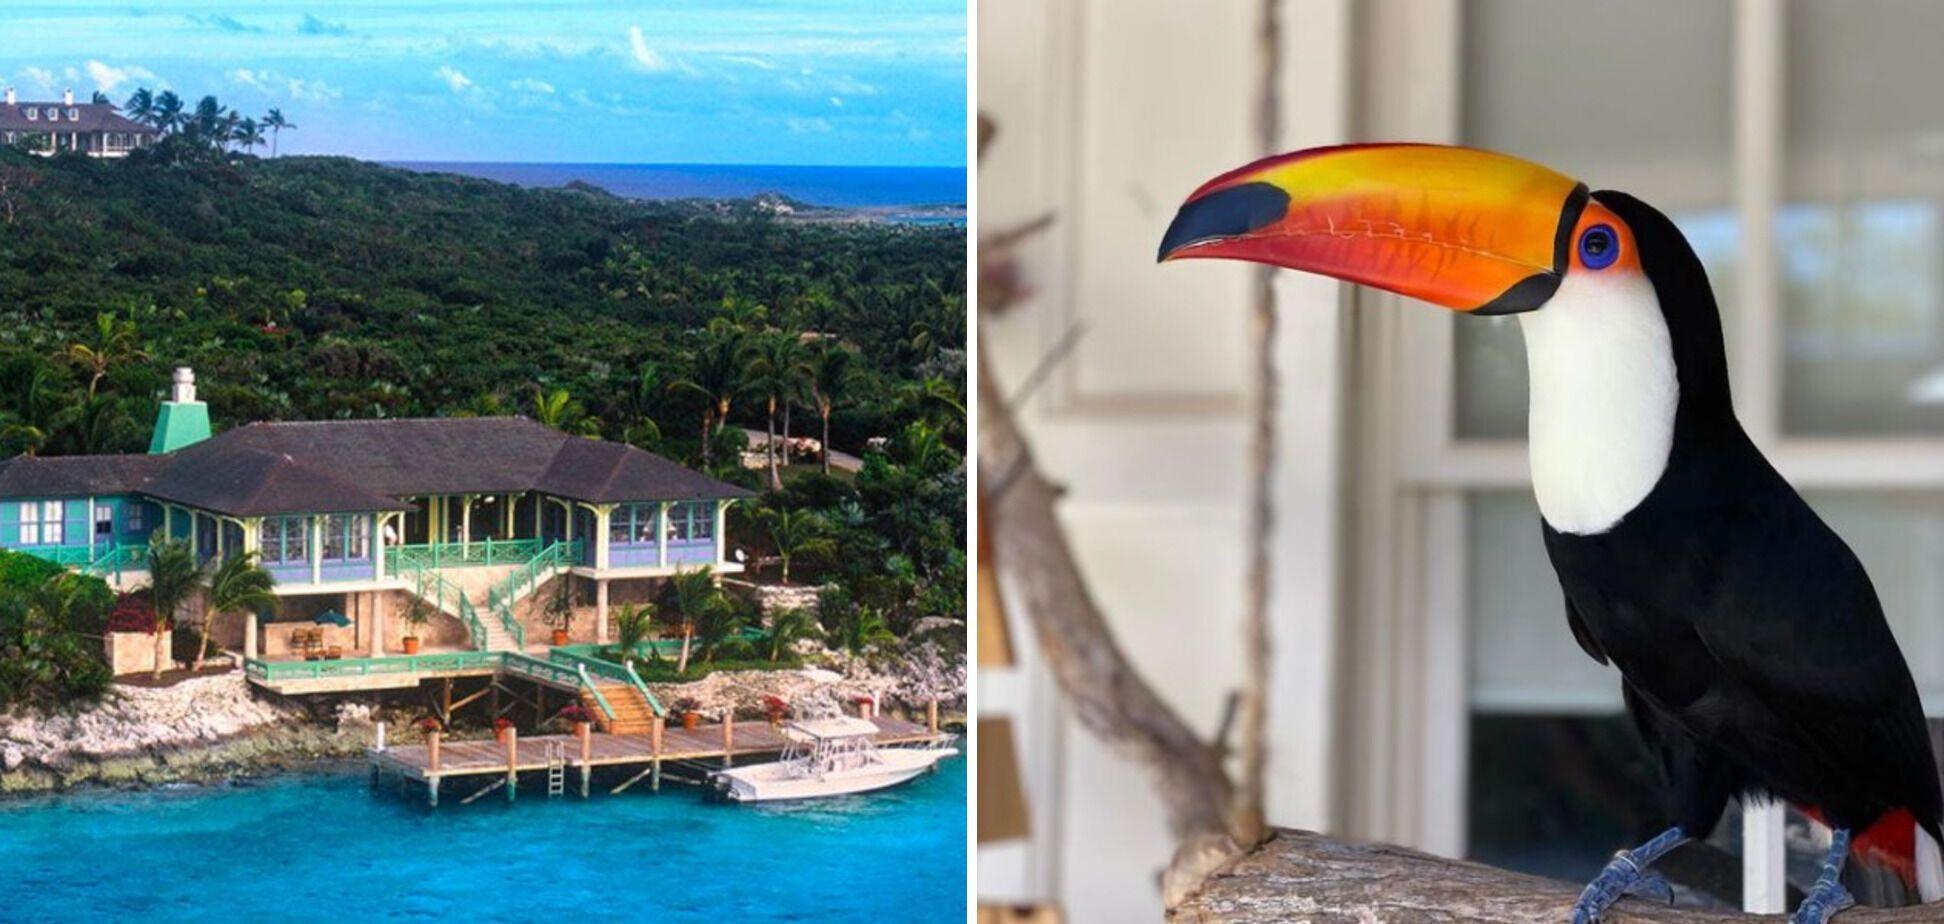 Забронювати в Musha Cay окремо одну віллу неможливо. Тільки цілий острів.